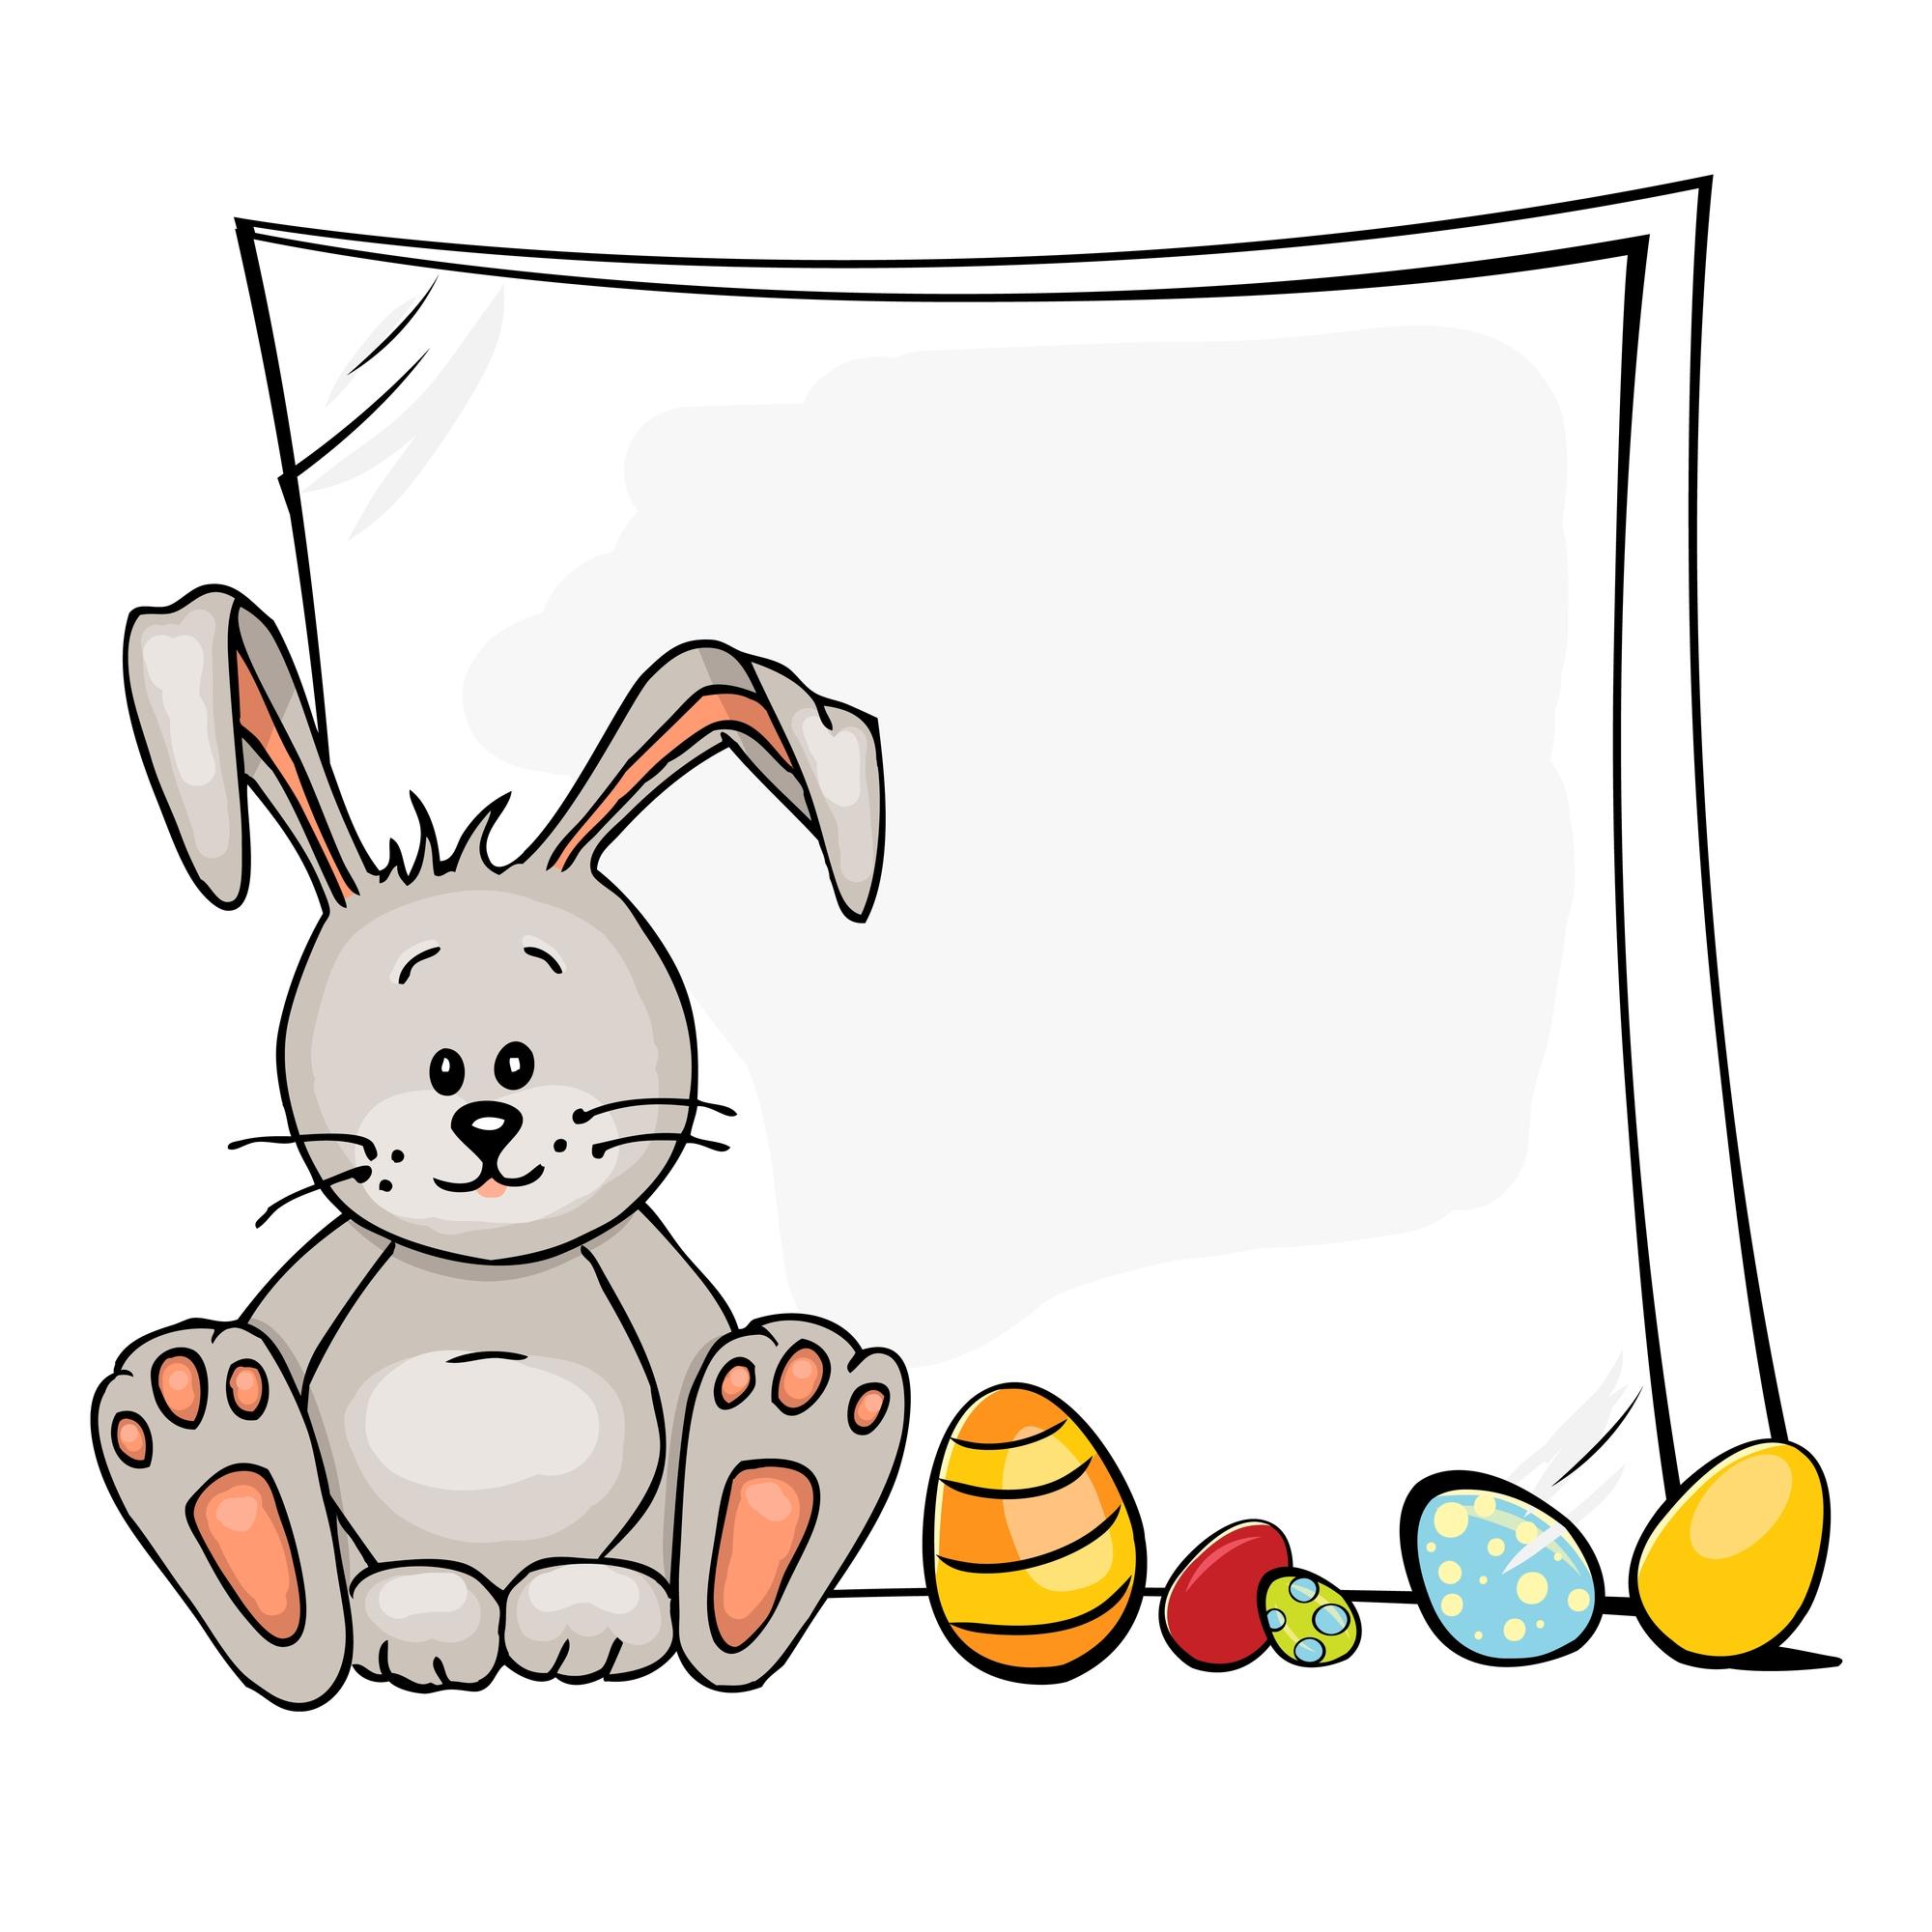 Biglietti di pasqua pronti da stampare - Lettere stampabili del coniglietto di pasqua ...